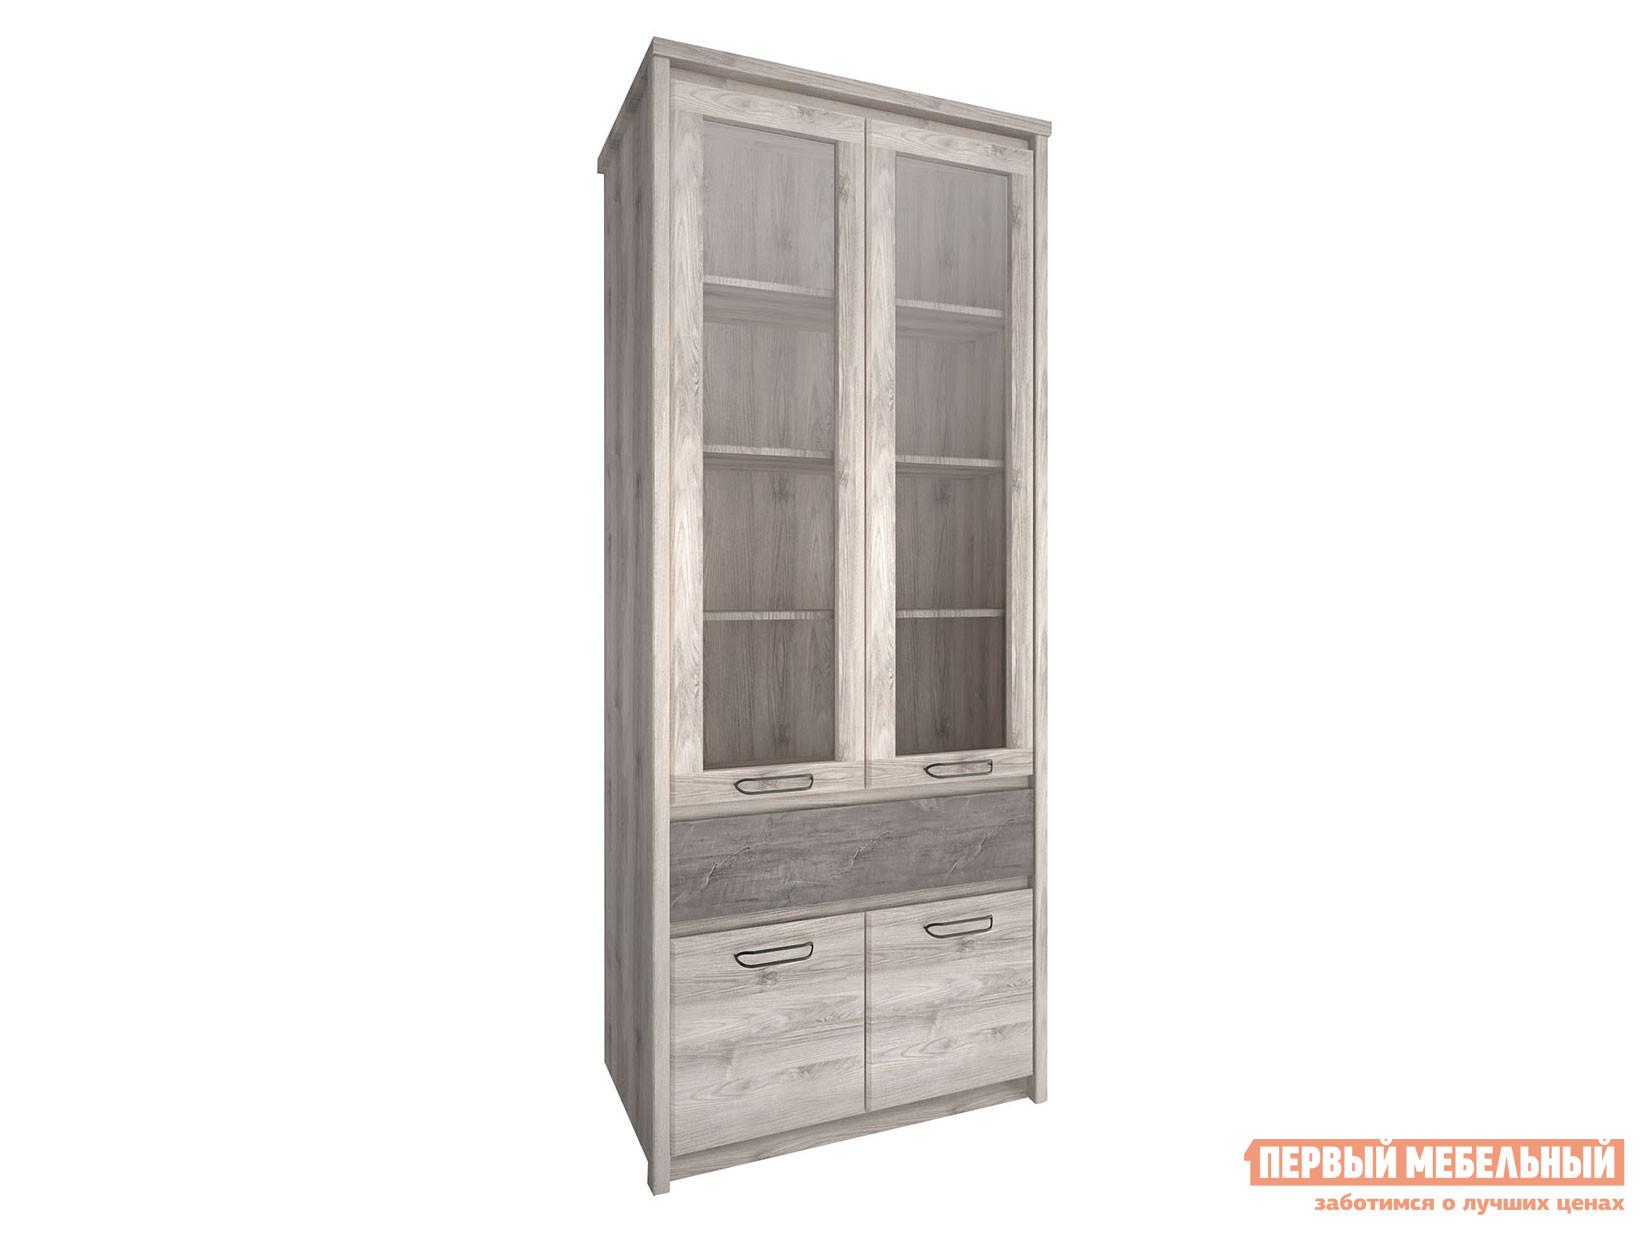 Шкаф-витрина Первый Мебельный Шкаф-витрина 2-х створчатый Джаз все цены